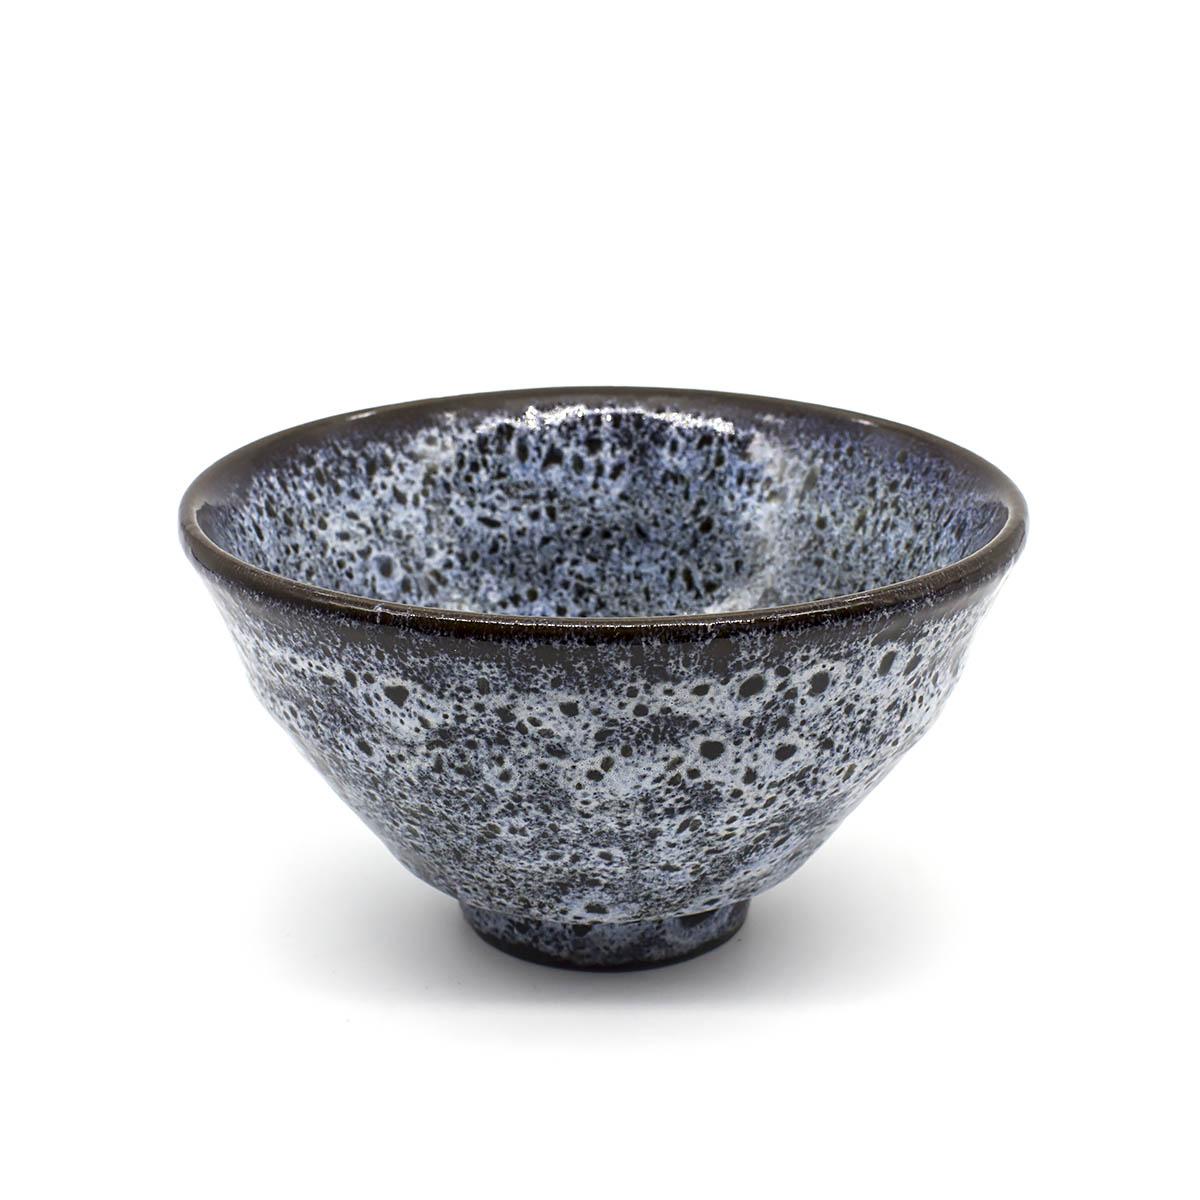 Чаша керамическая, 400 мл чаша для матча керамическая сапфировая 500 мл